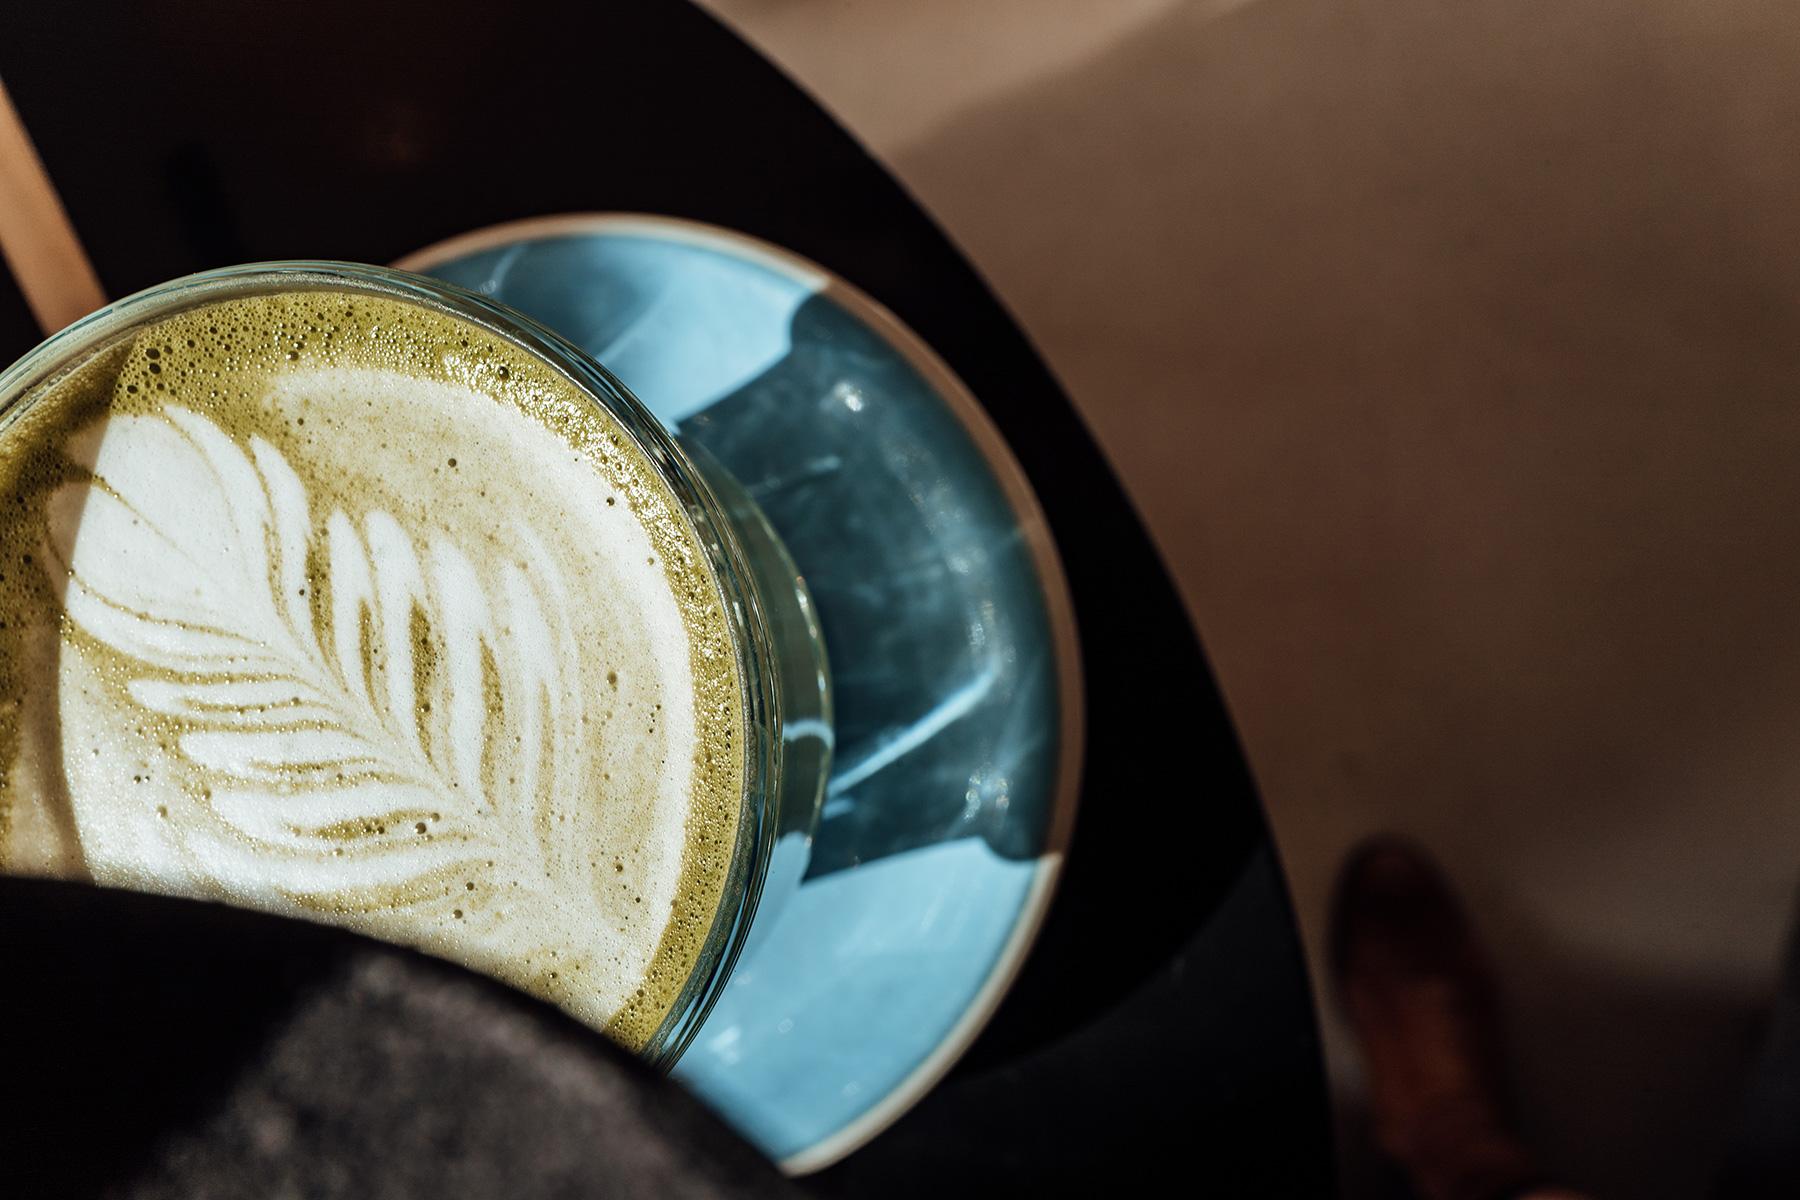 CODOS weiß, wo der Kaffee herkommt